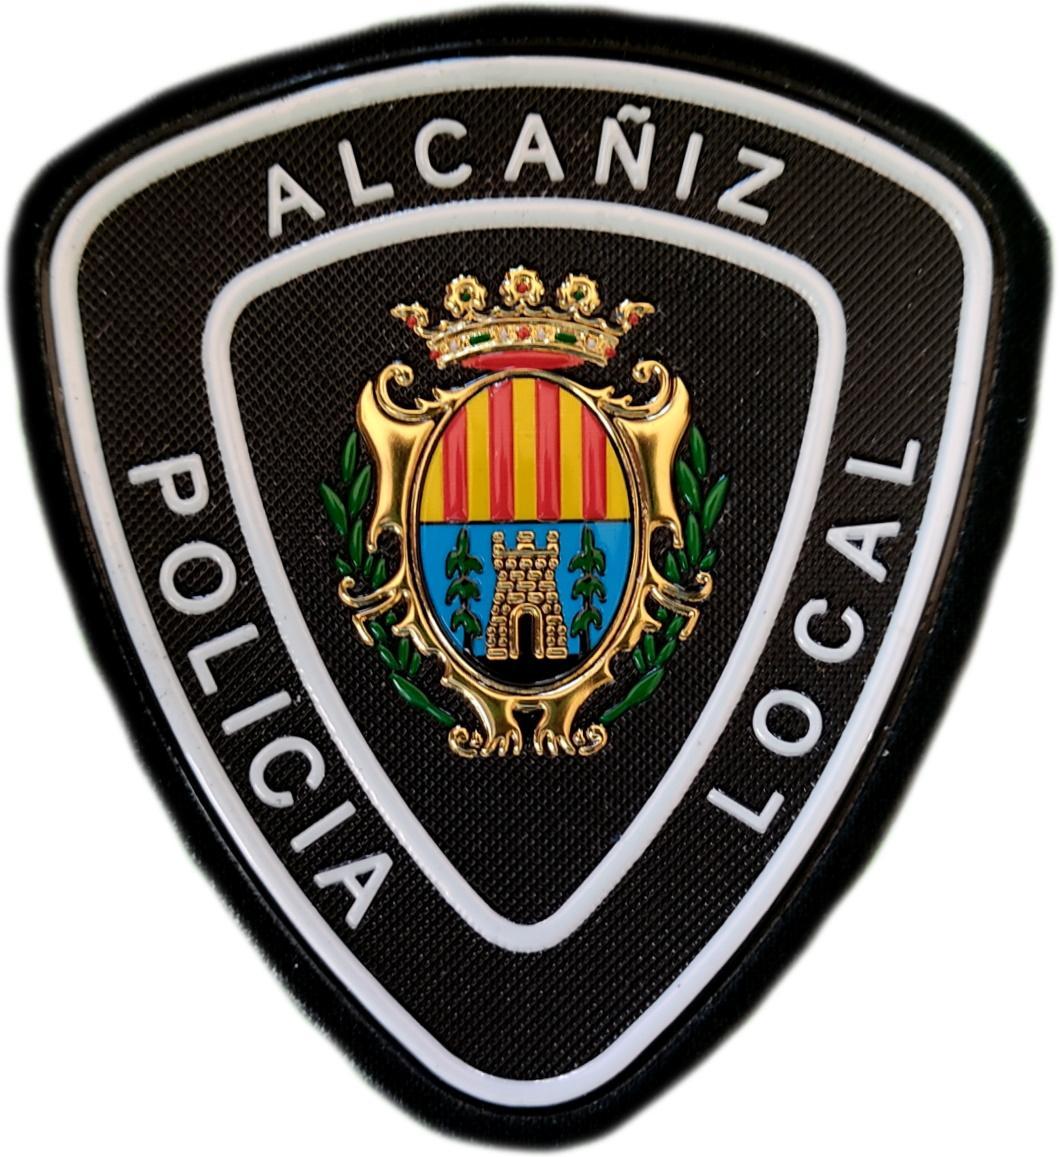 Policía Local Alcañiz Teruel parche insignia emblema distintivo